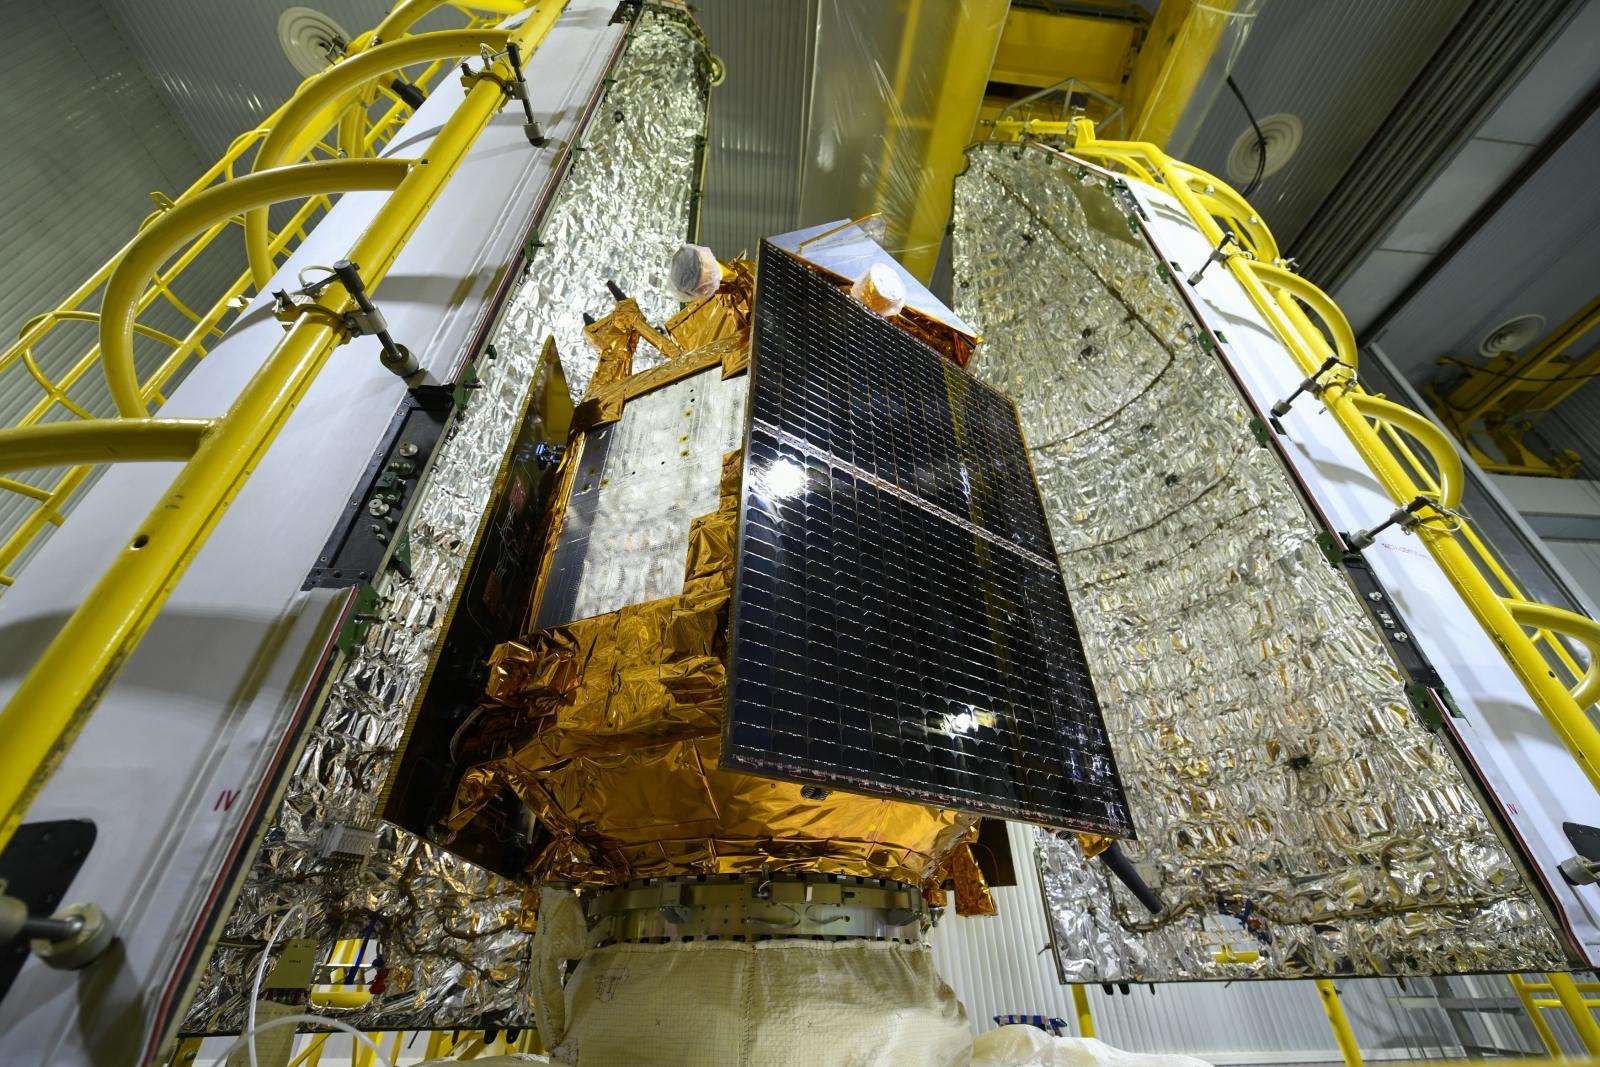 Sentinel 5p satellite